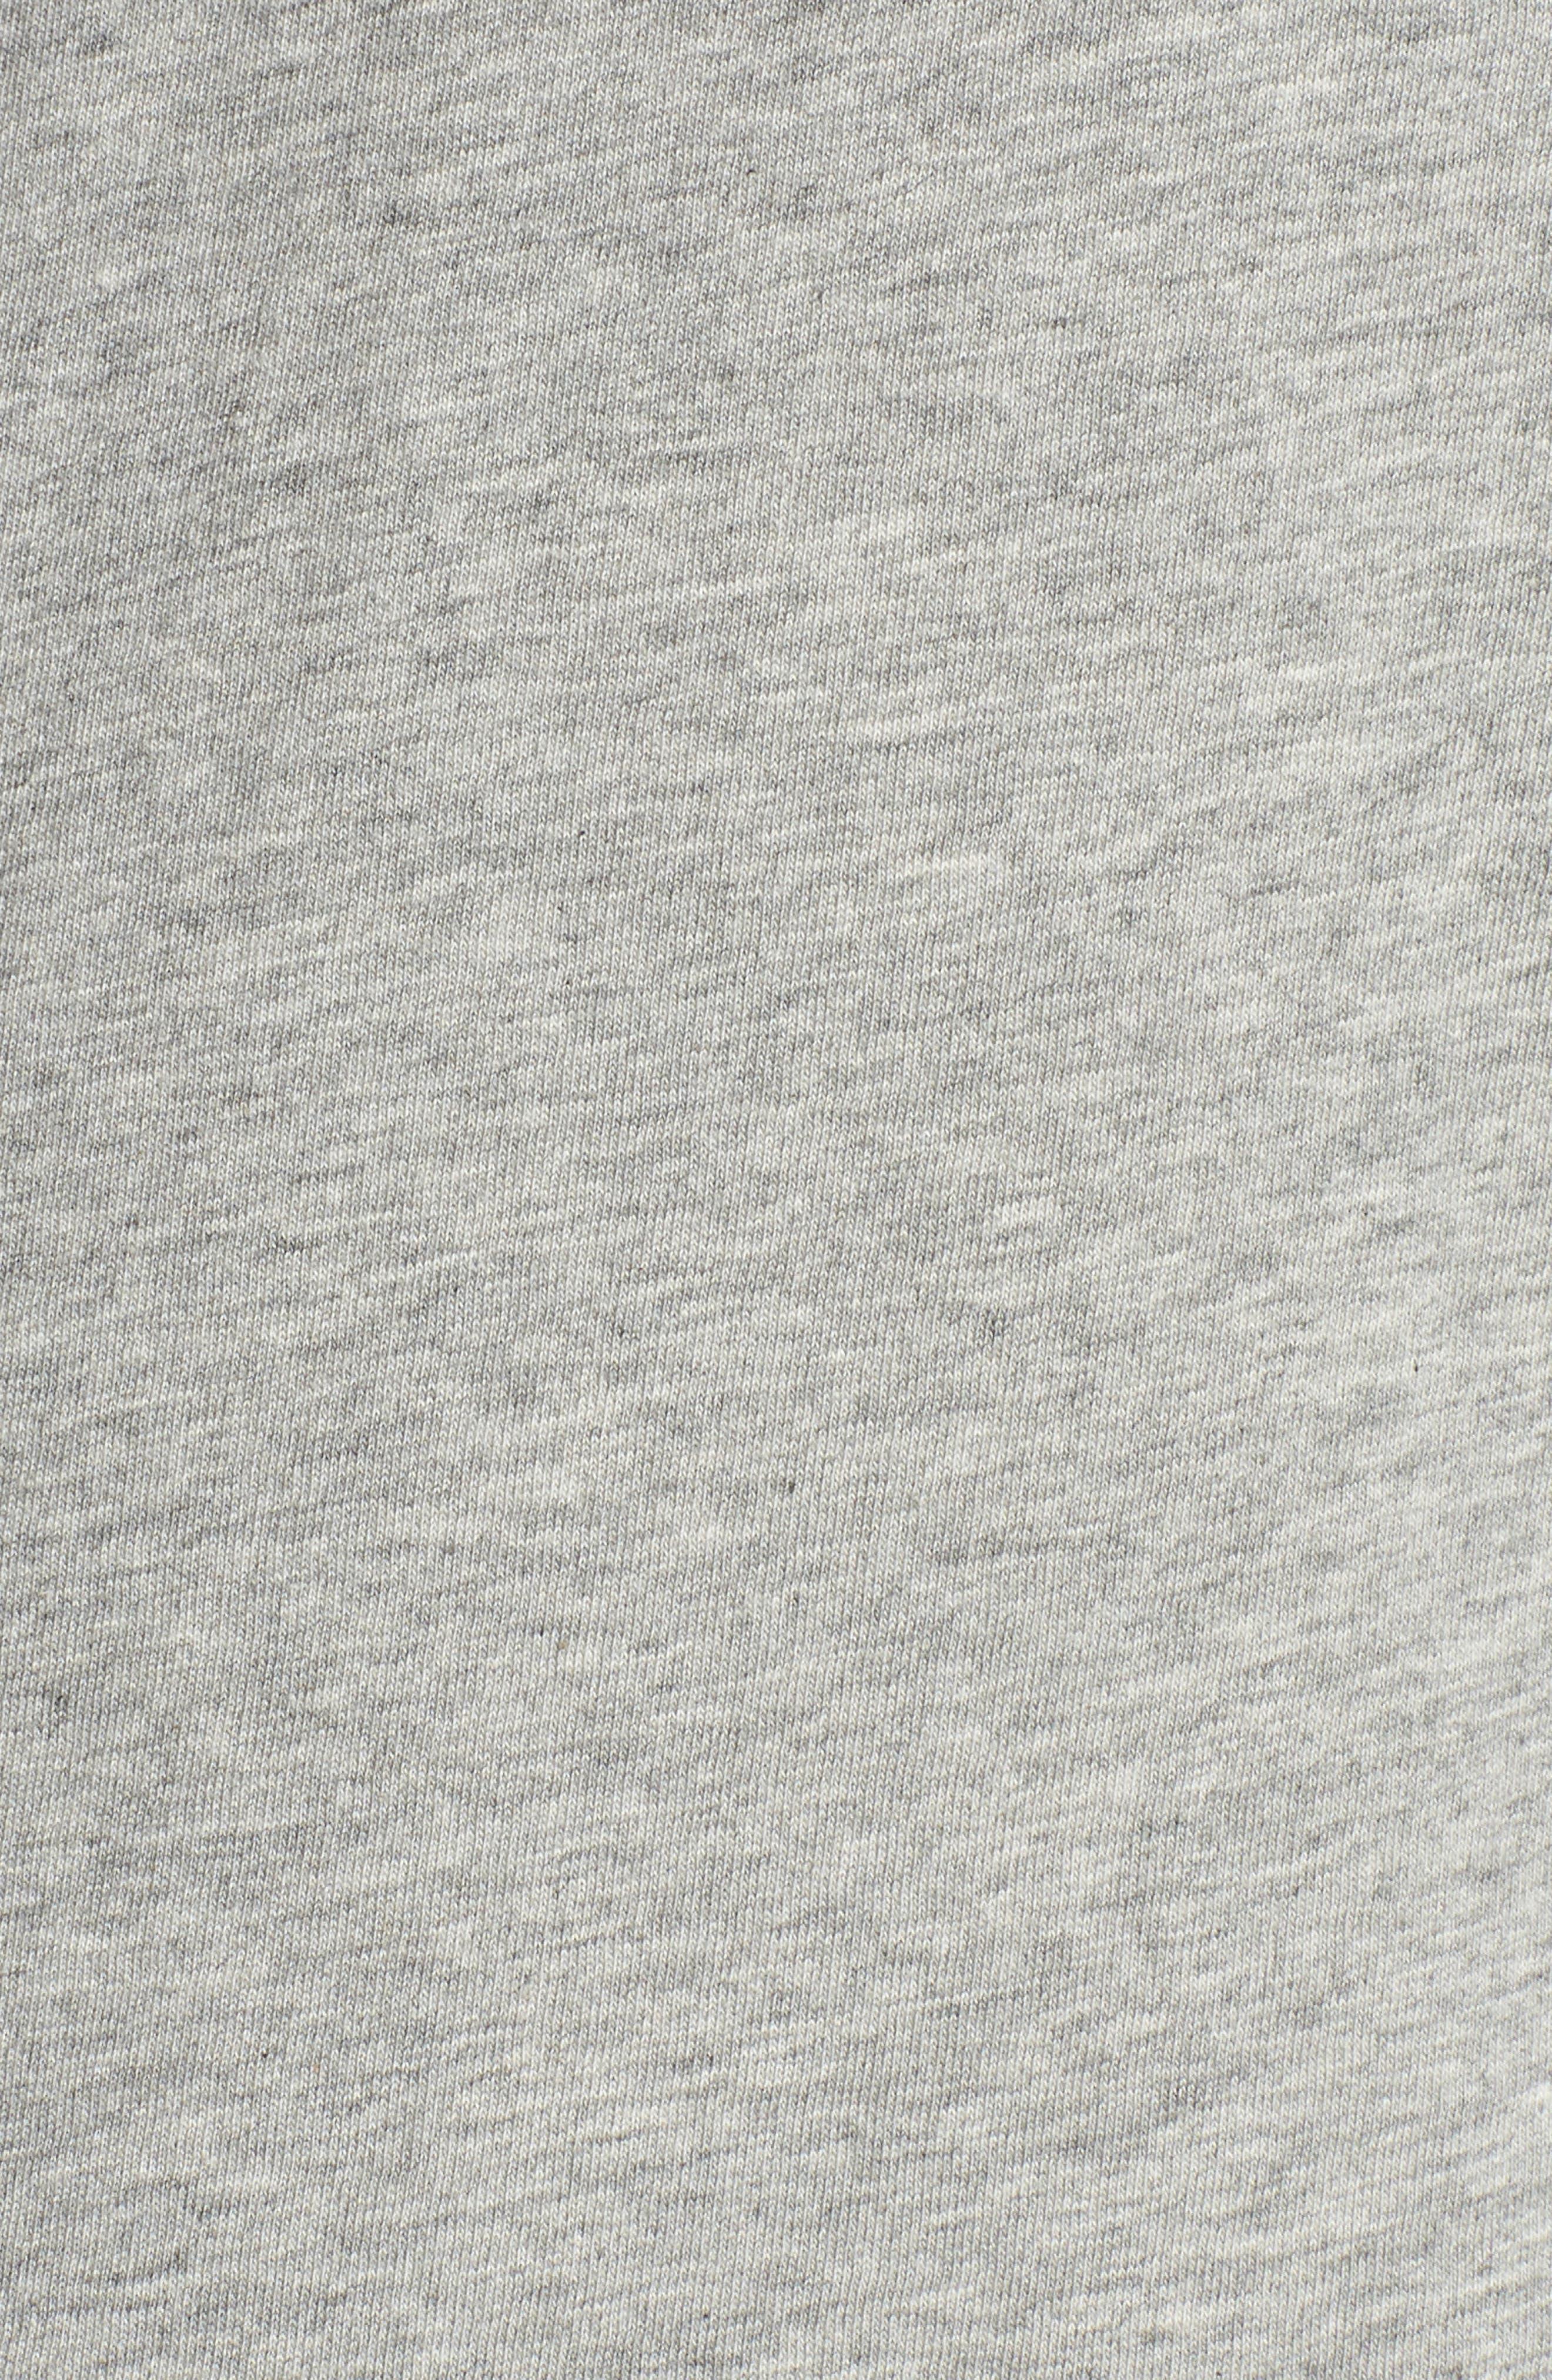 Crewneck Cotton Sweatshirt,                             Alternate thumbnail 5, color,